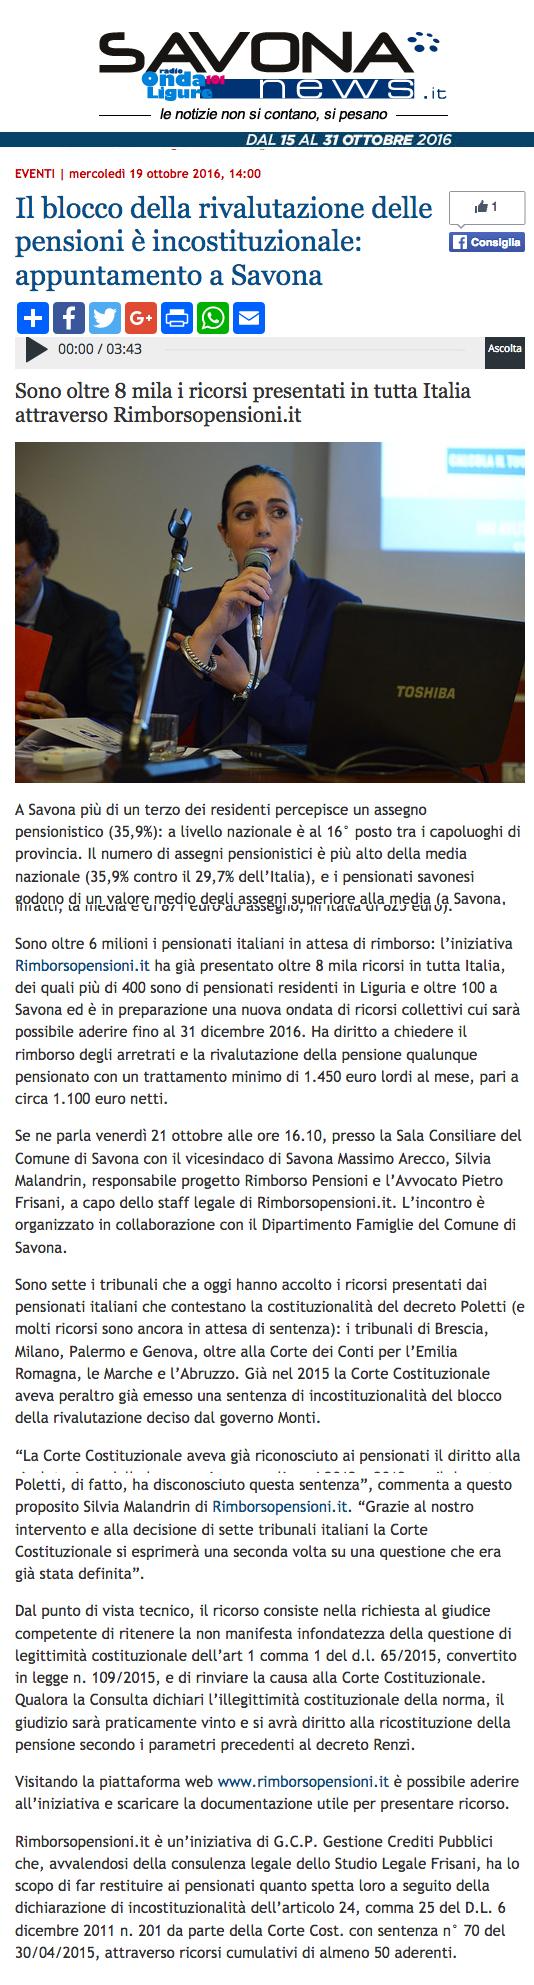 Articolo su Savona News